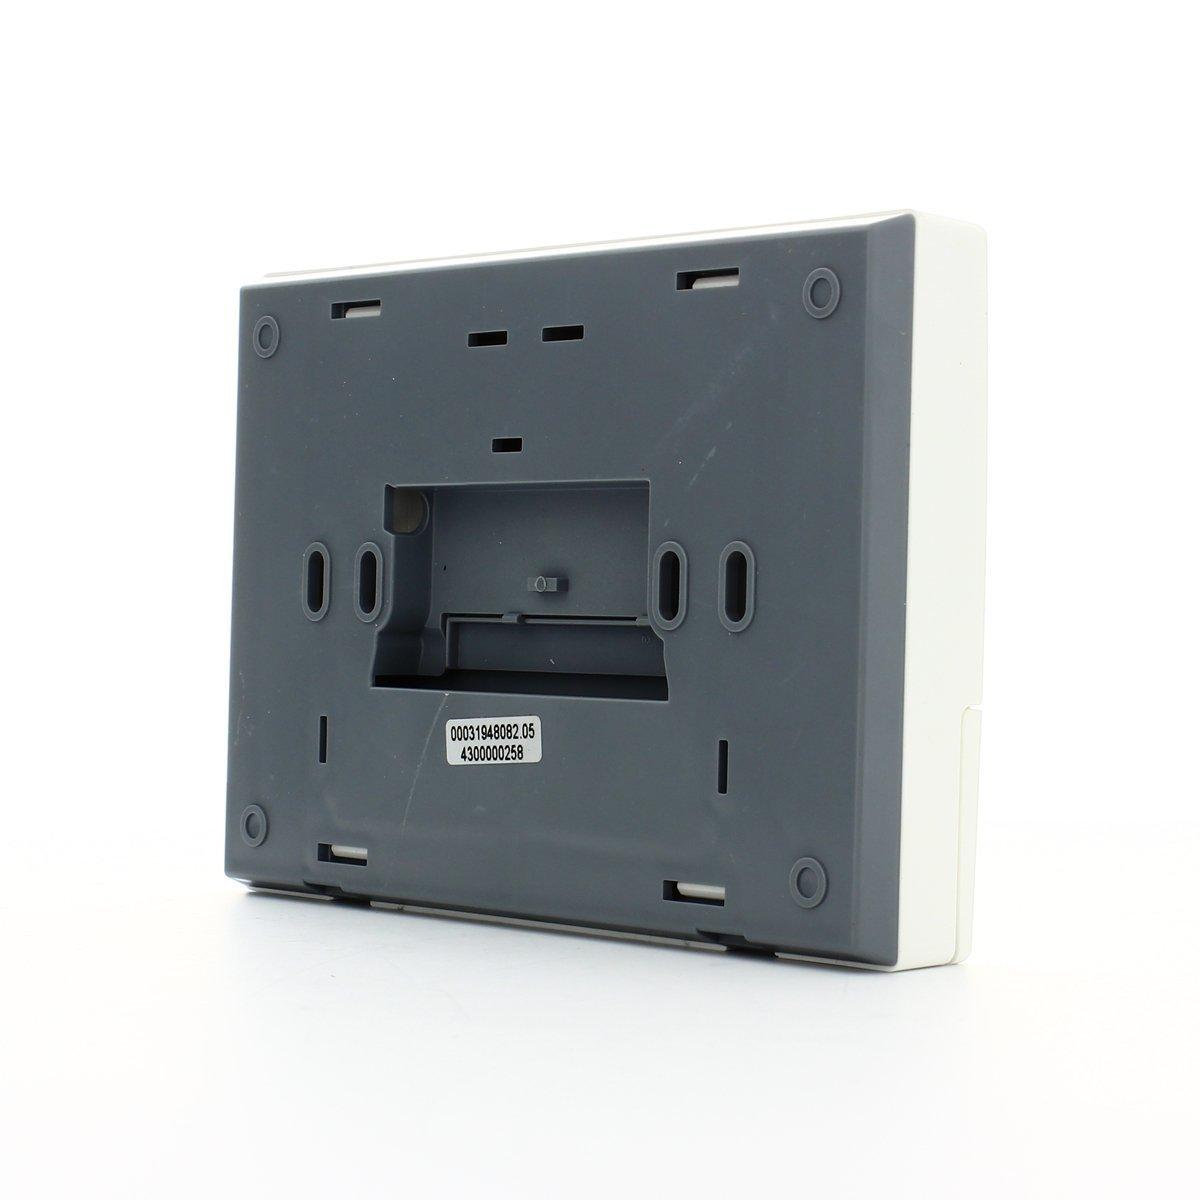 Vimar 01910 termostato ambiente opinioni e prezzi for Vimar 01910